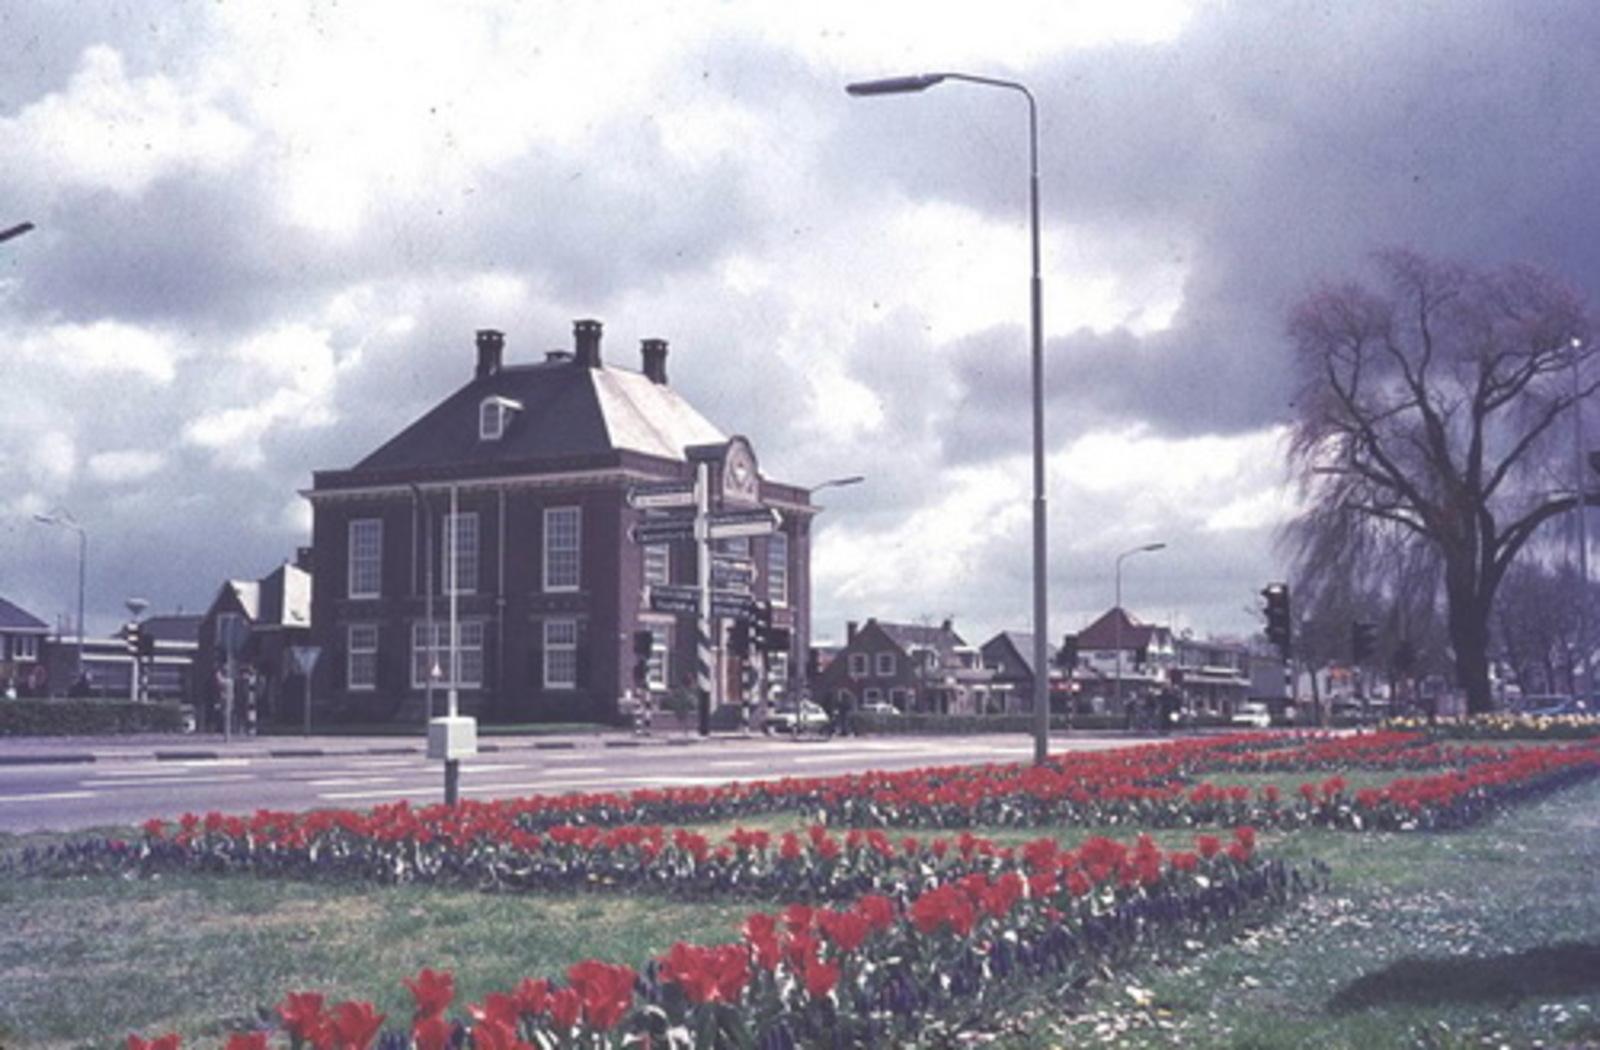 Marktplein N 0047 197_ Polderhuis